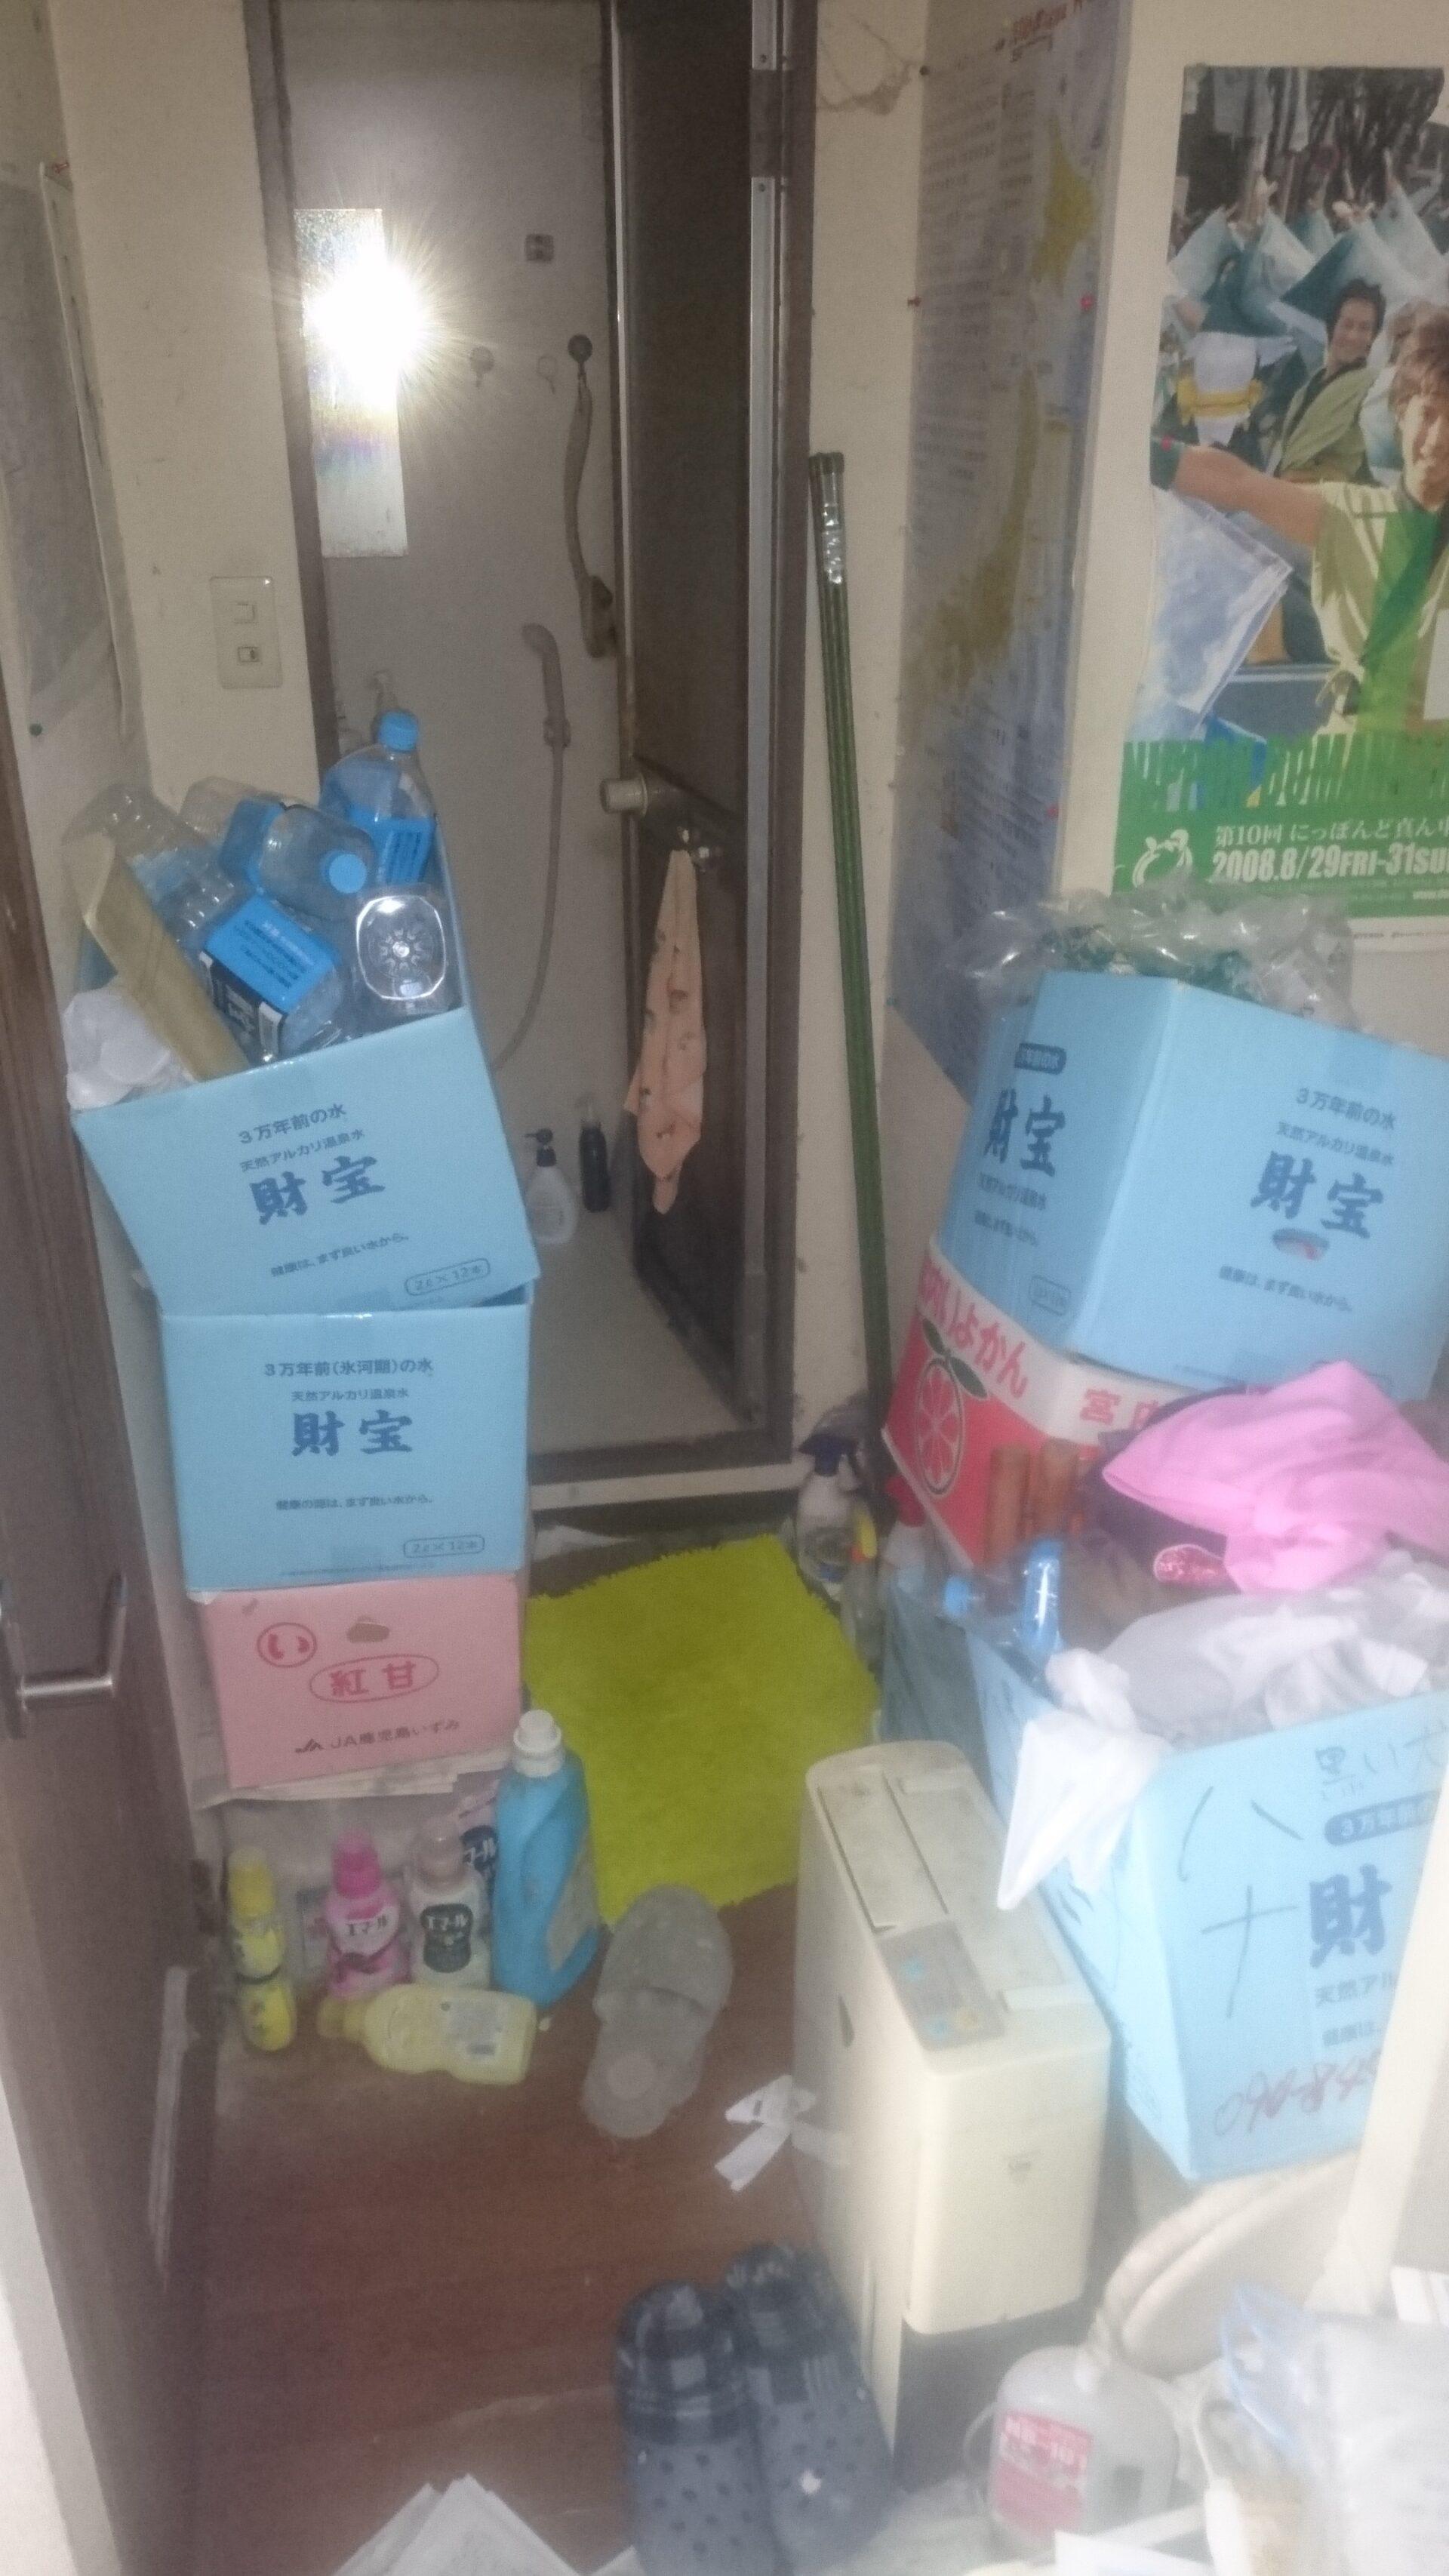 洗面所まわりの不用品の回収